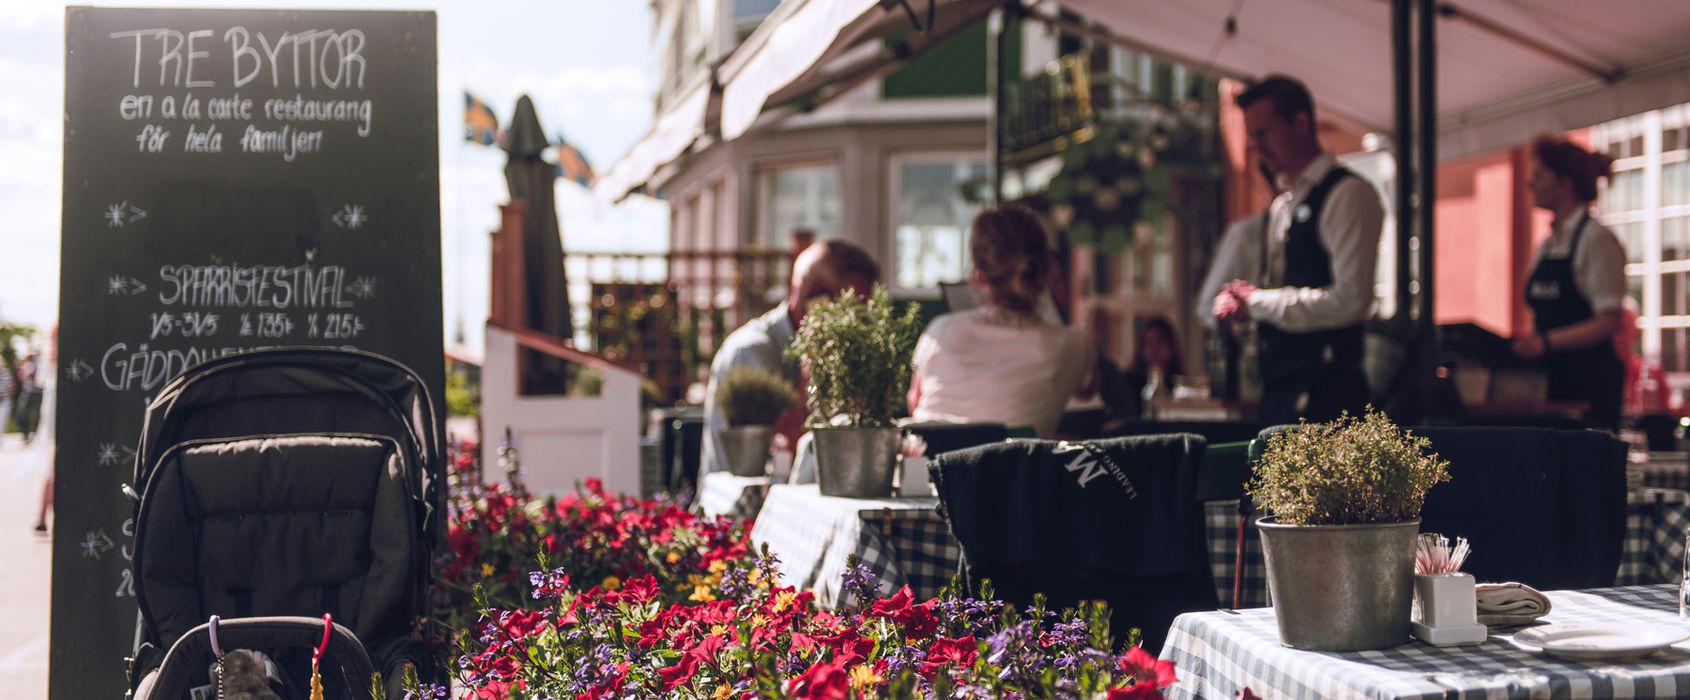 Restaurang Tre Byttor på Skansen